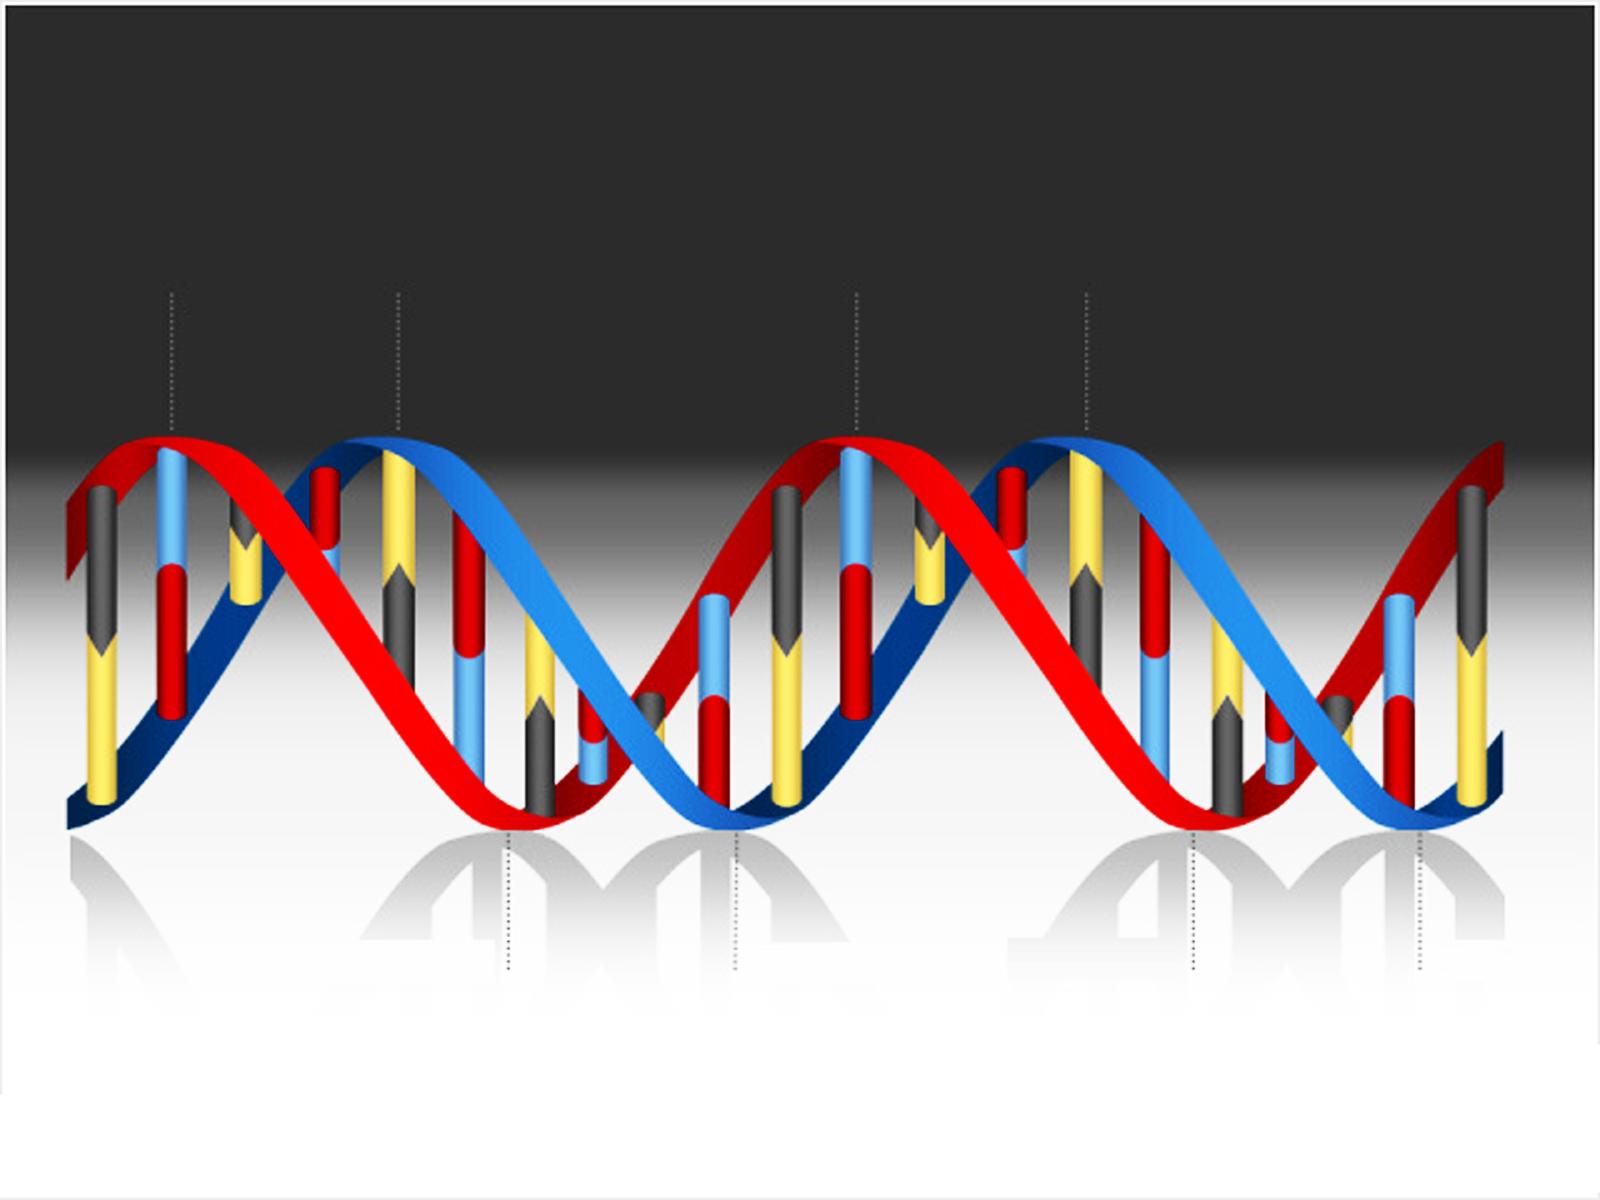 DNA Medical Helix PPT Backgrounds